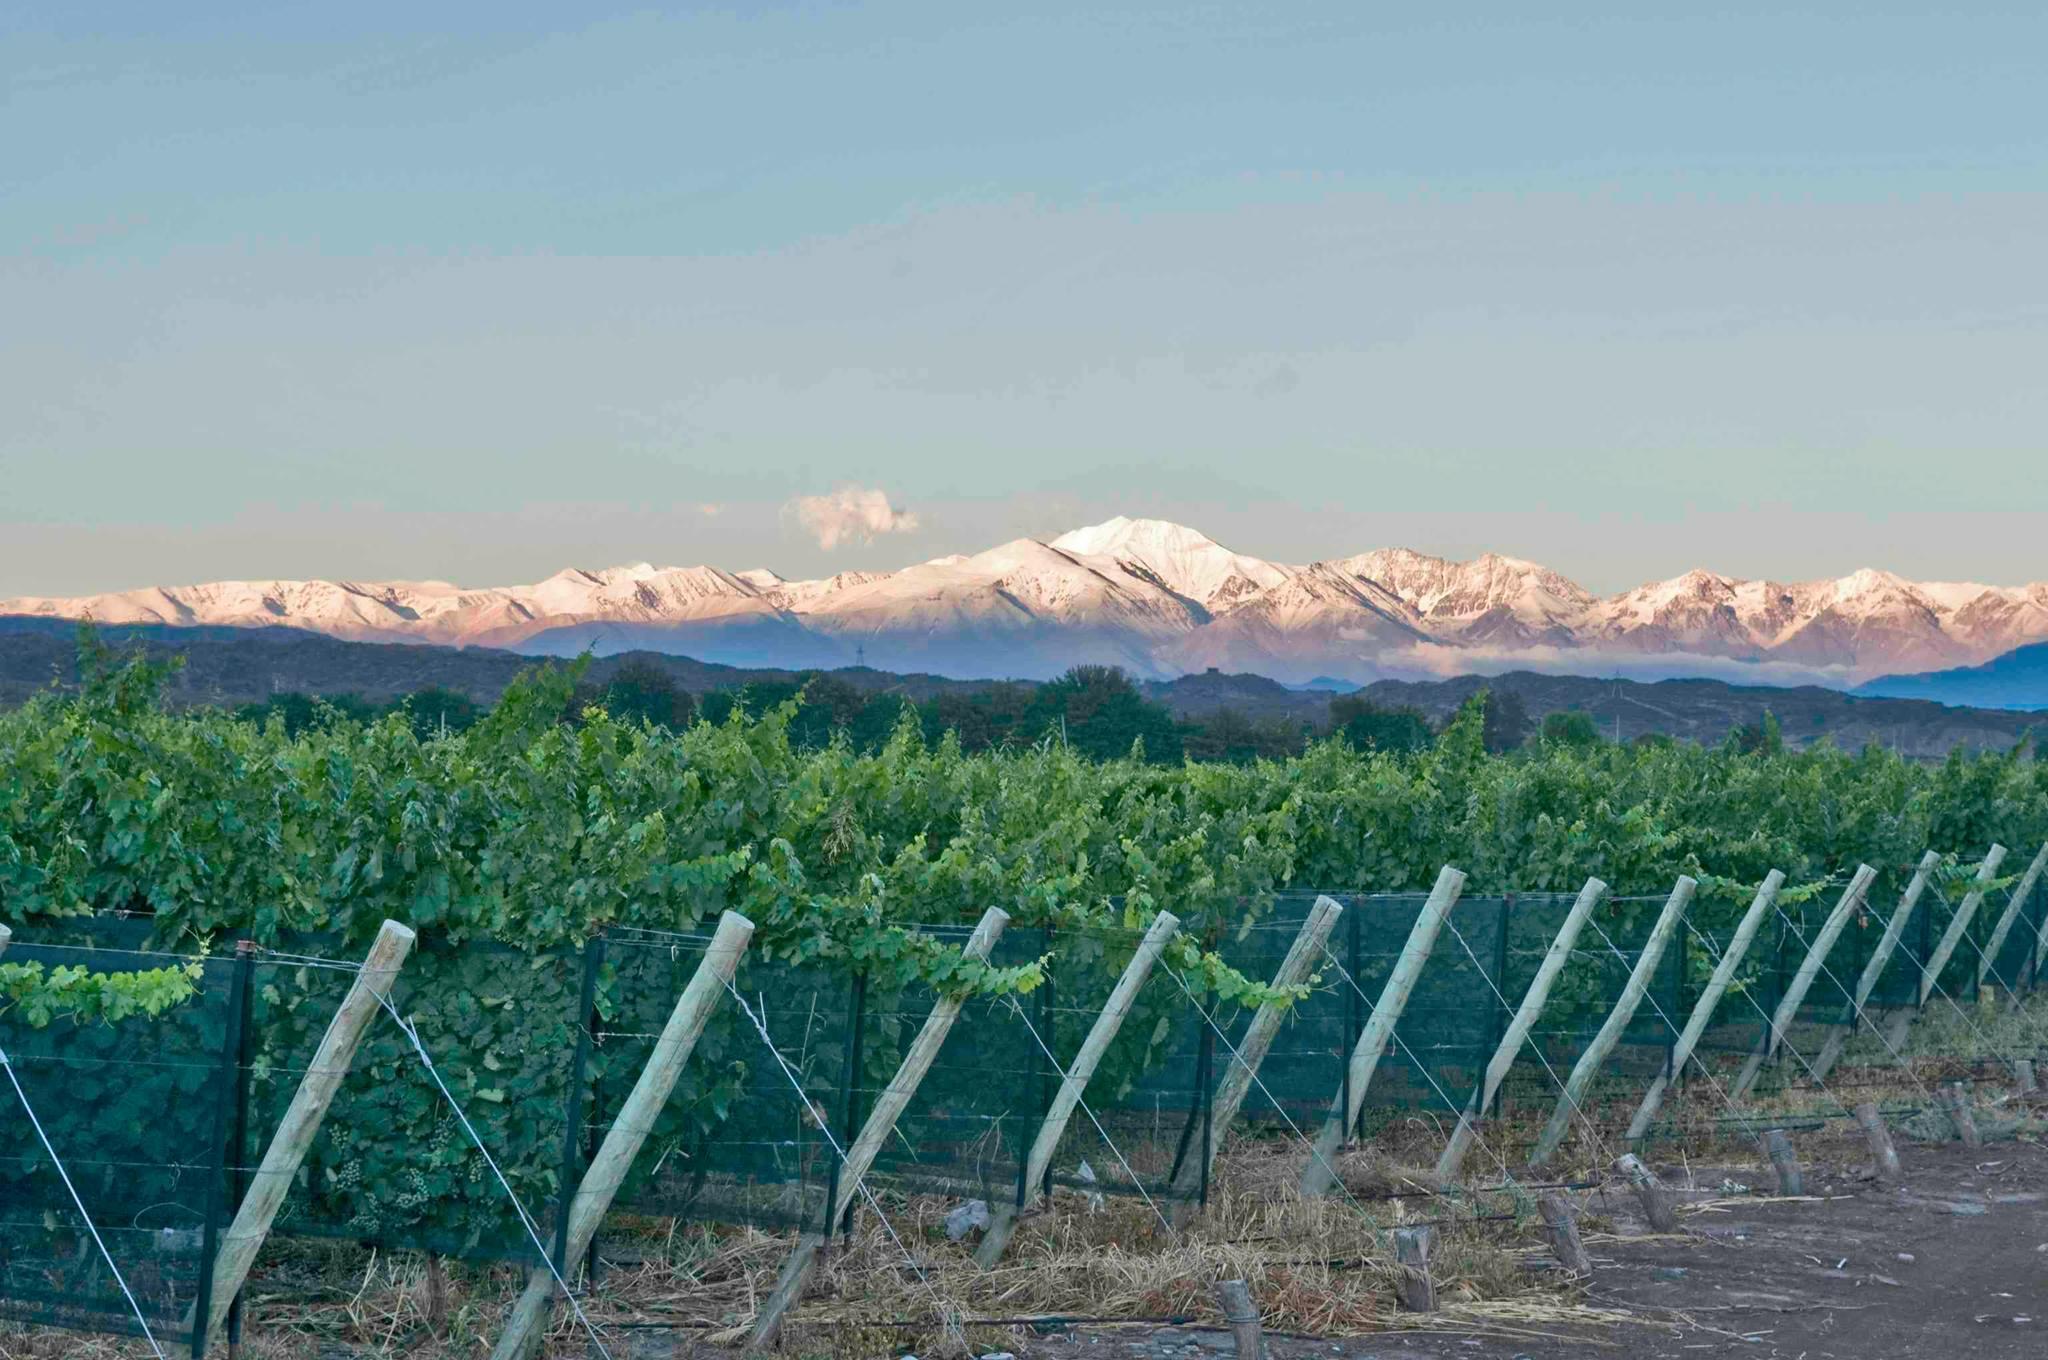 Gauchezco Vineyard & Winery Cover Image